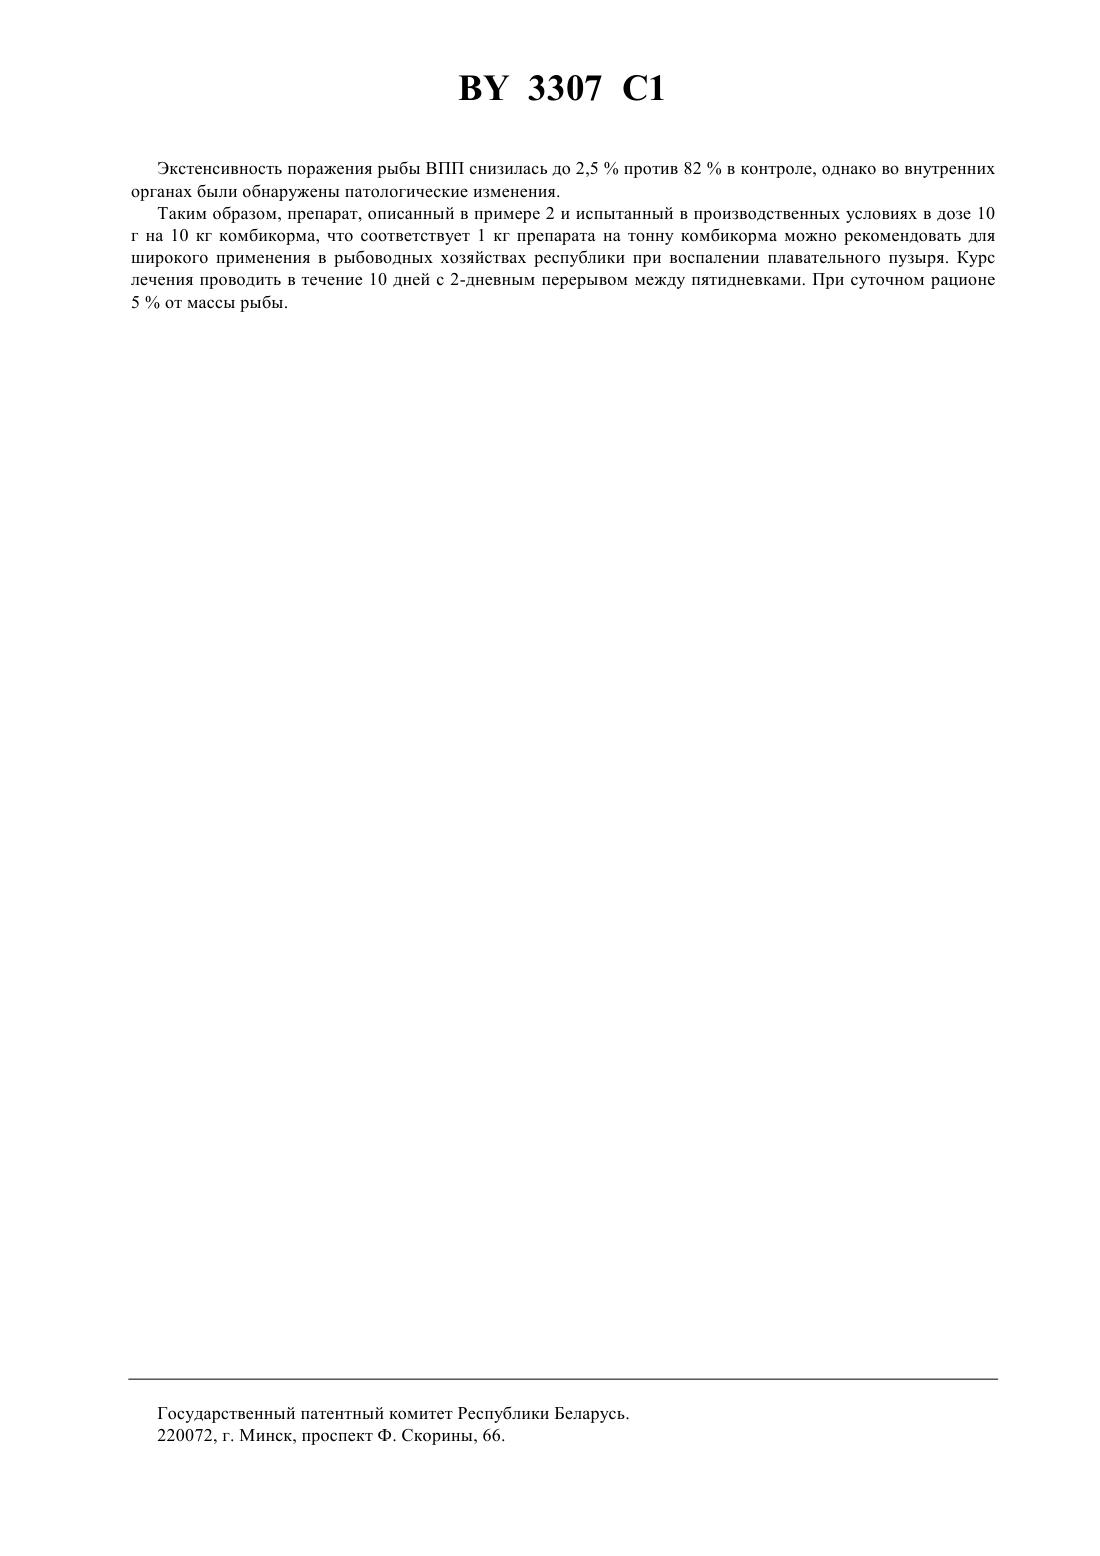 биофузол инструкция по применению